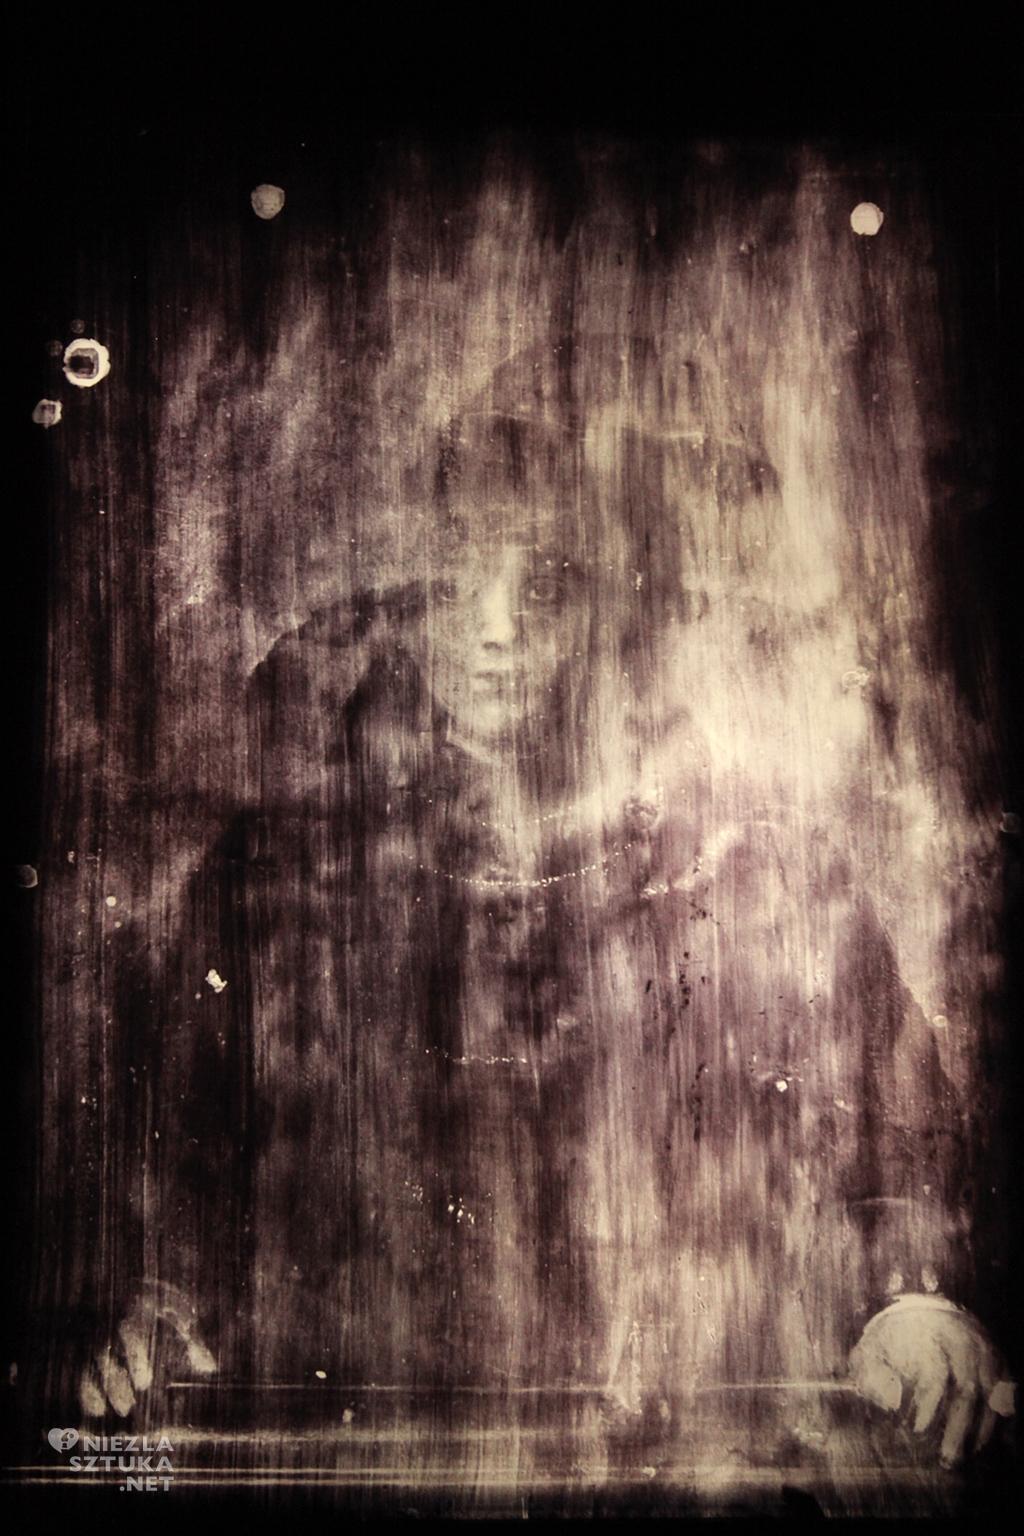 Rembrandt, Dziewczyna w ramie obrazu, sztuka holenderska, Niezła Sztuka